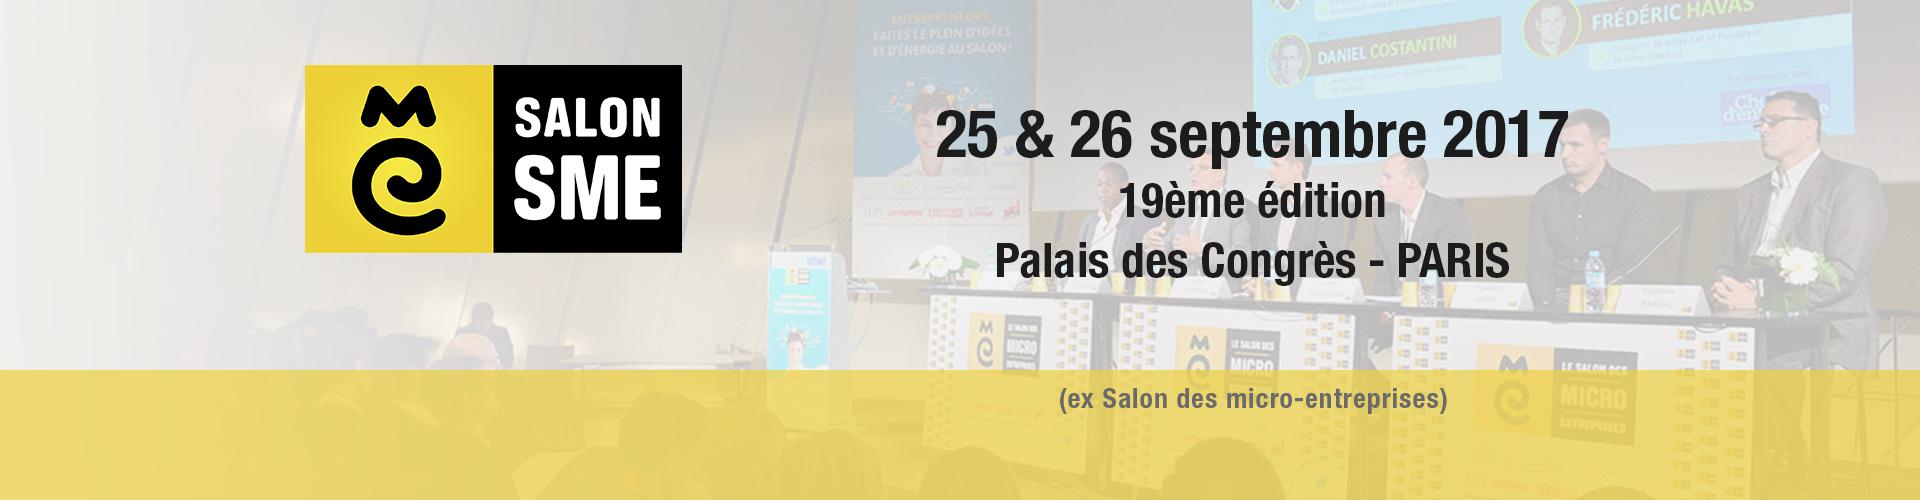 Dunod partenaire du salon sme 2017 dunod for Salon entreprise